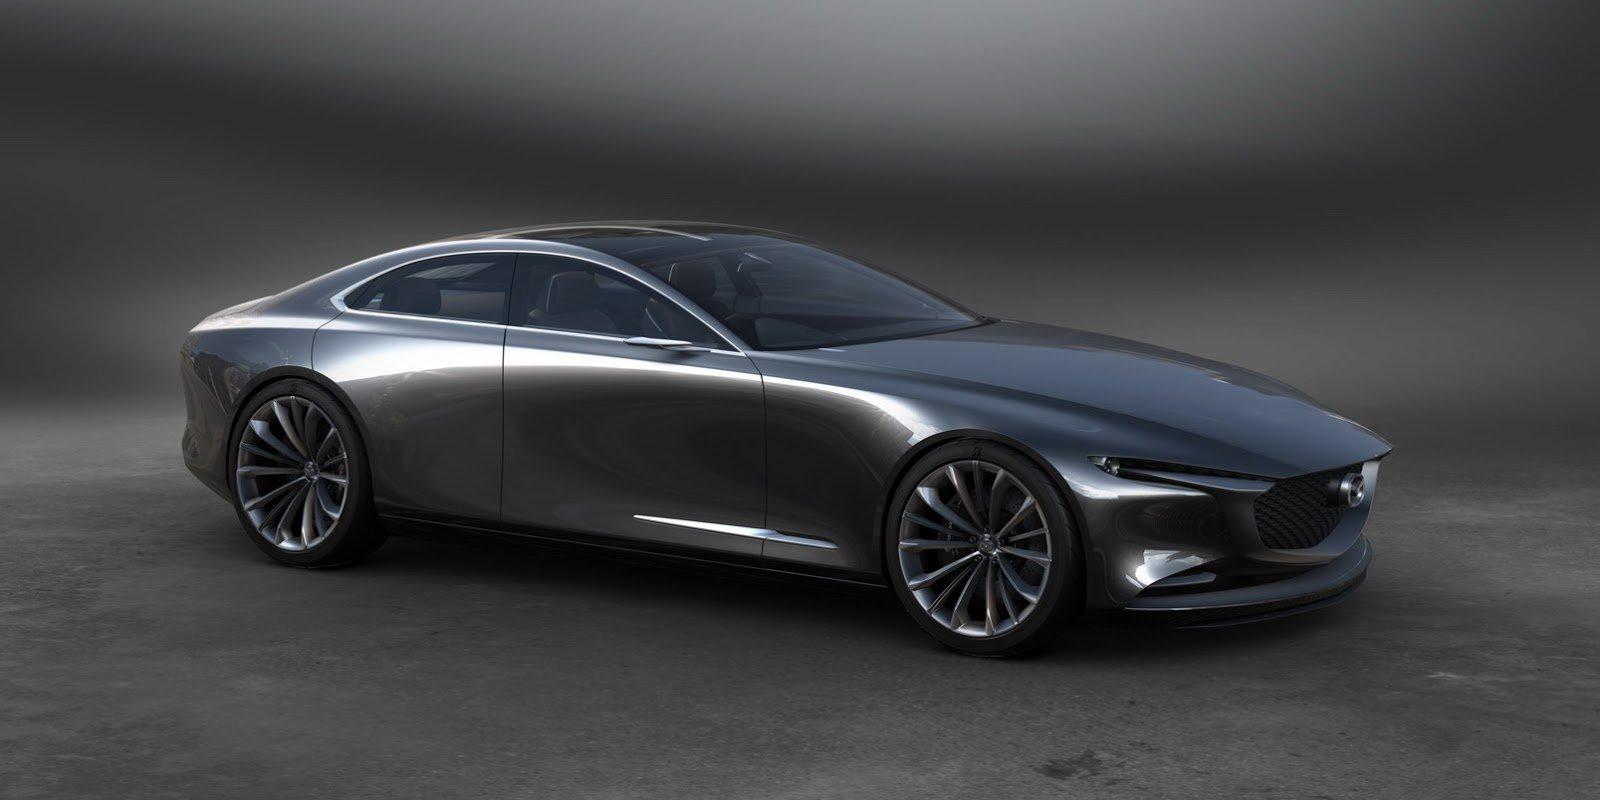 Reinkarnace RX-8, nové coupé od Mazdy má nabídnout 350 koní a pohon zadních kol - anotační obrázek